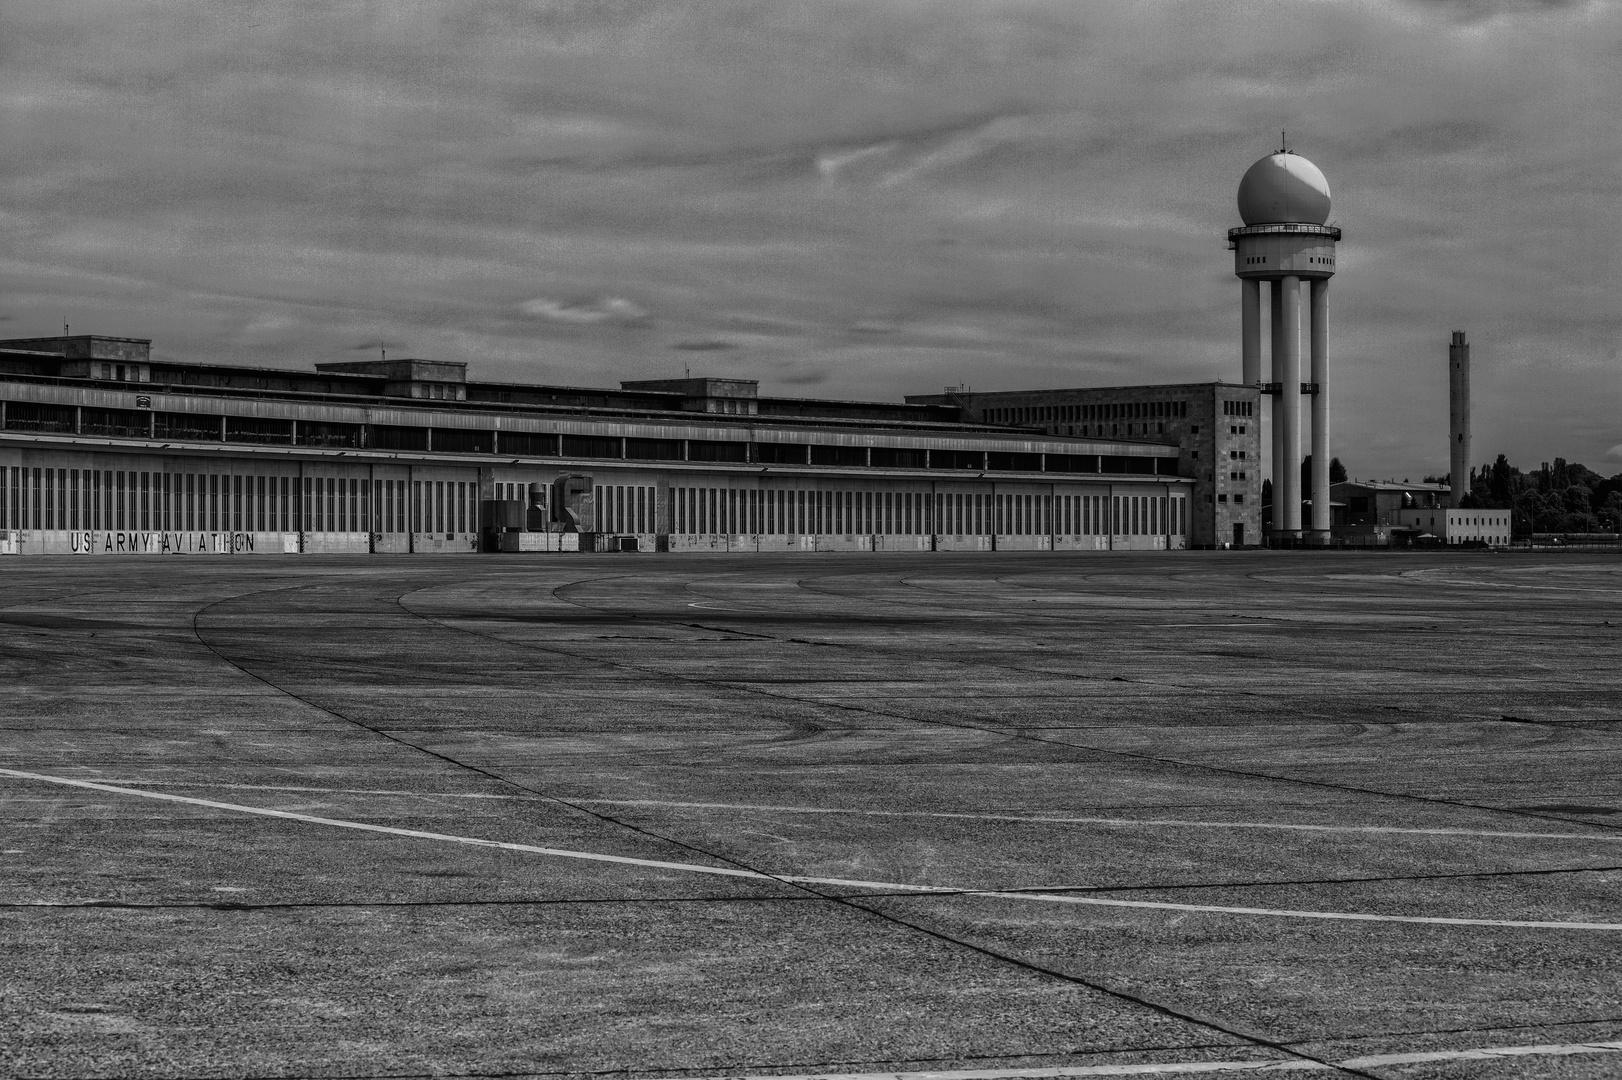 Flughafen Berlin Tempelhof (11)